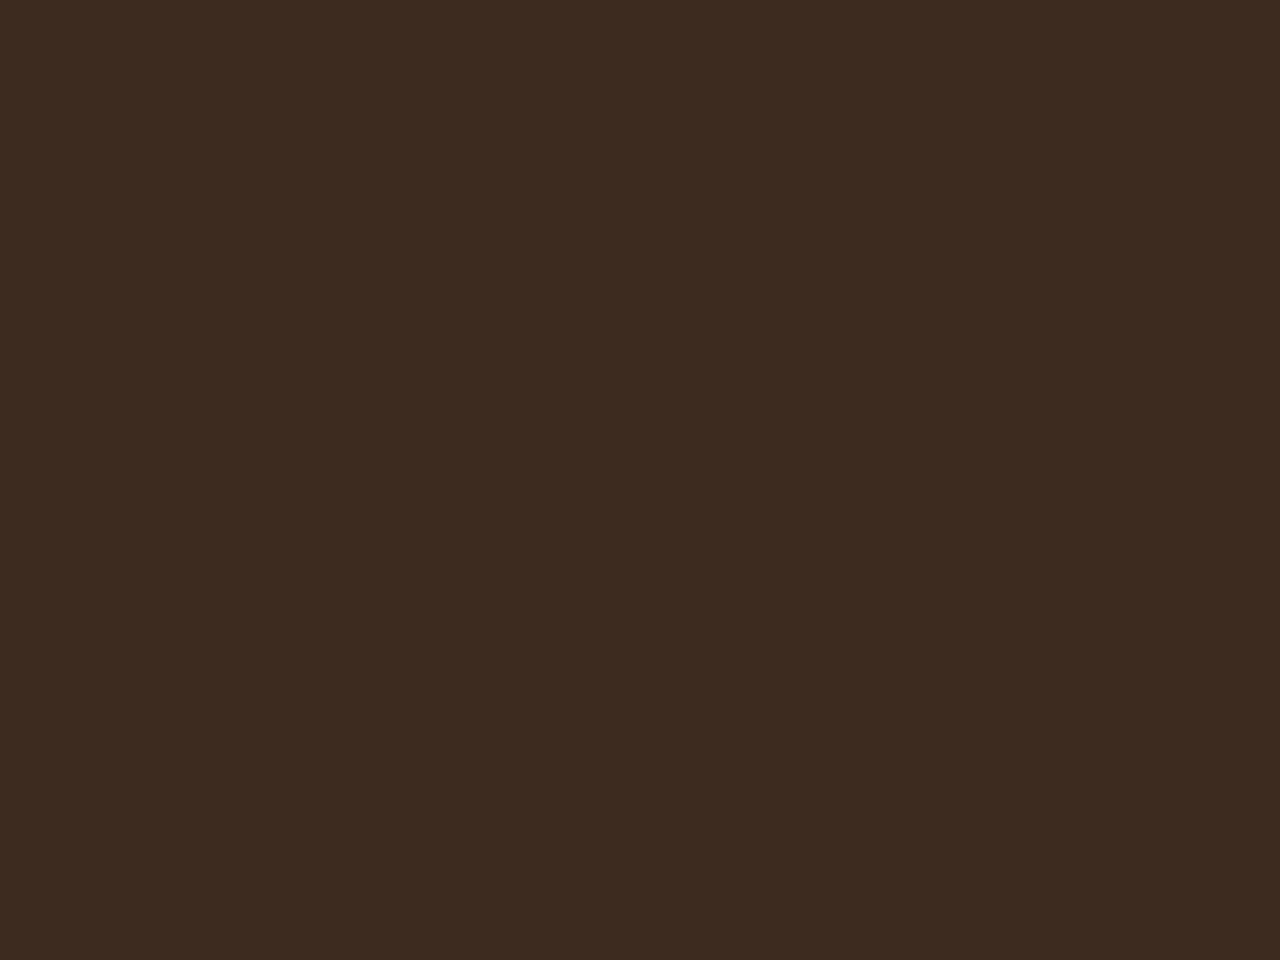 1280x960 Bistre Solid Color Background